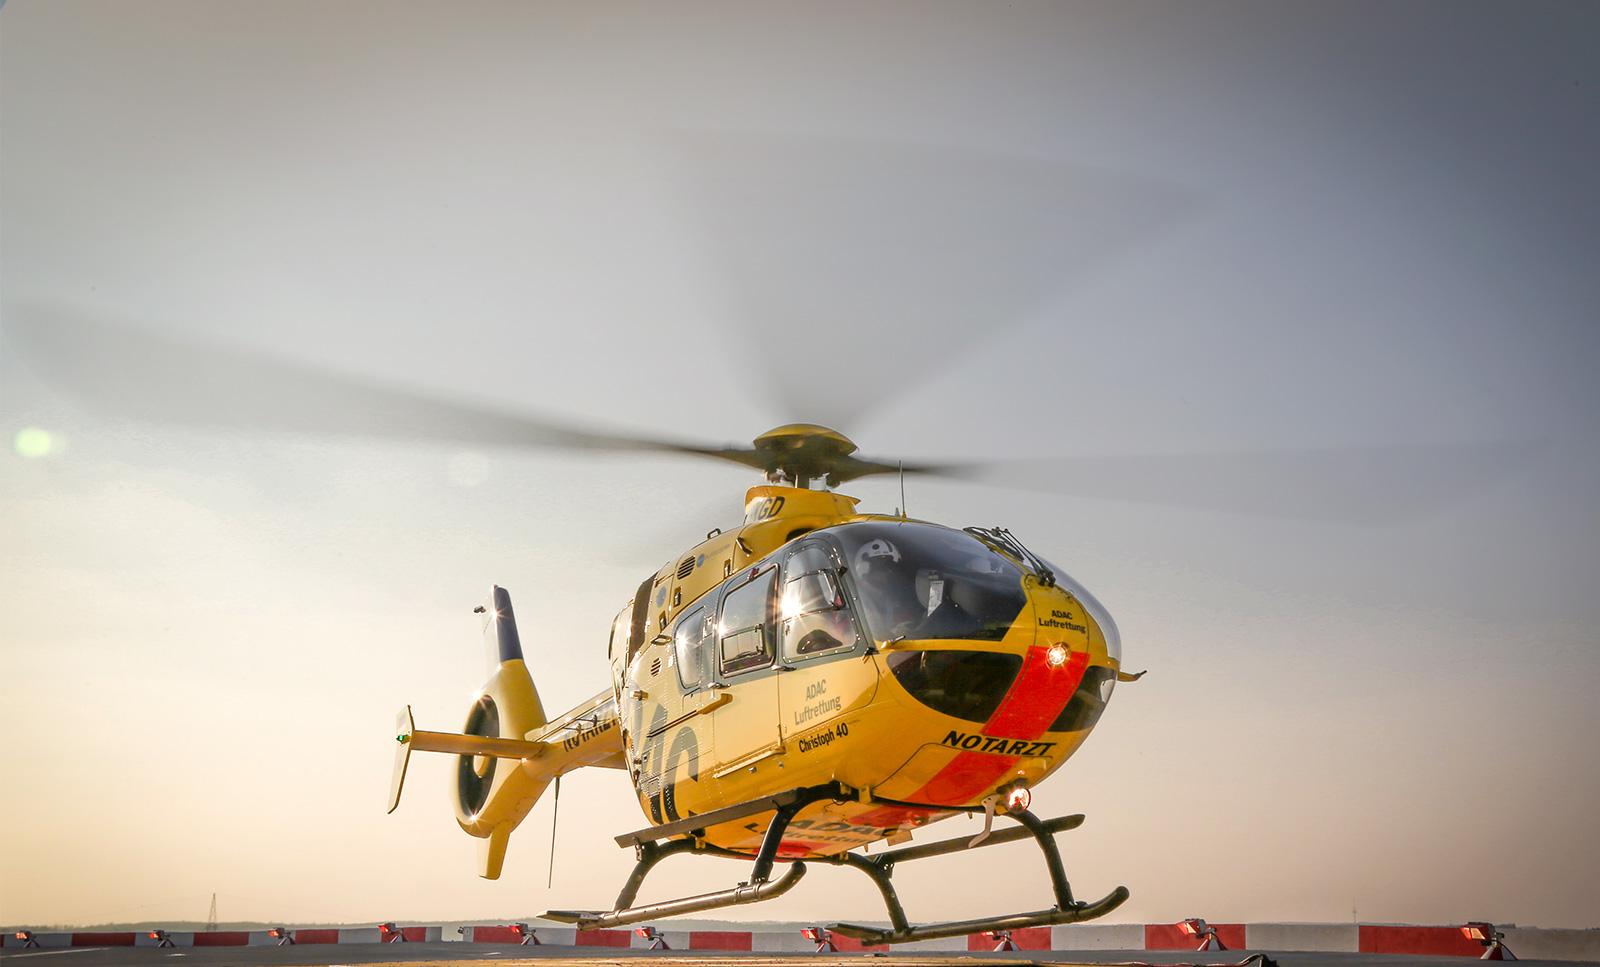 Foto des Hubschrauber der Station Christoph 40